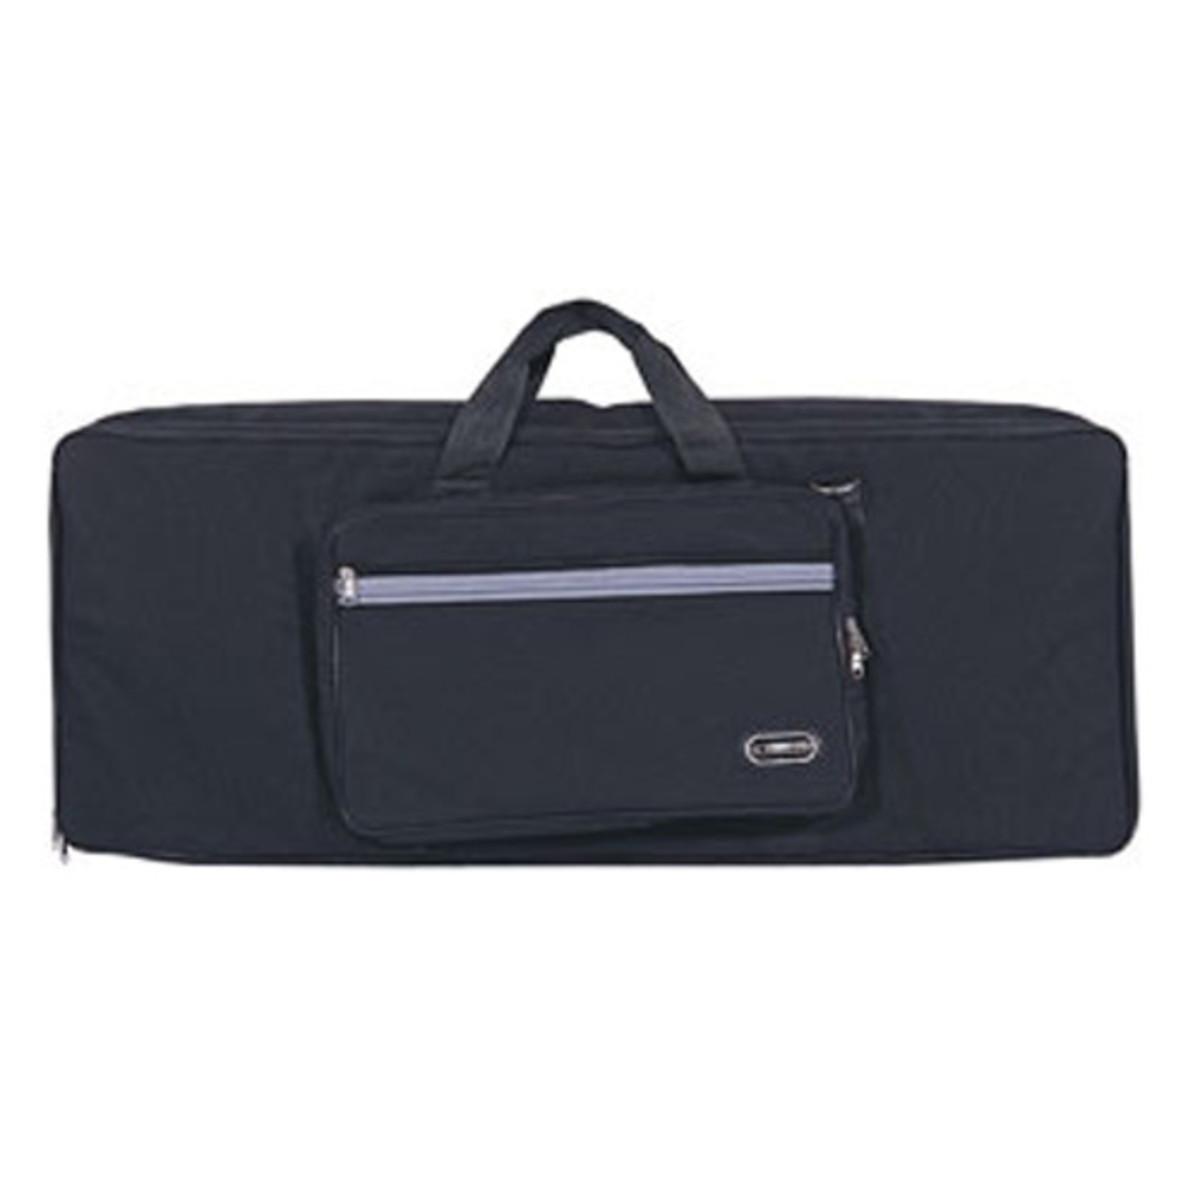 Kinsman Kdk3 Keyboard Bag 102x40x12cm